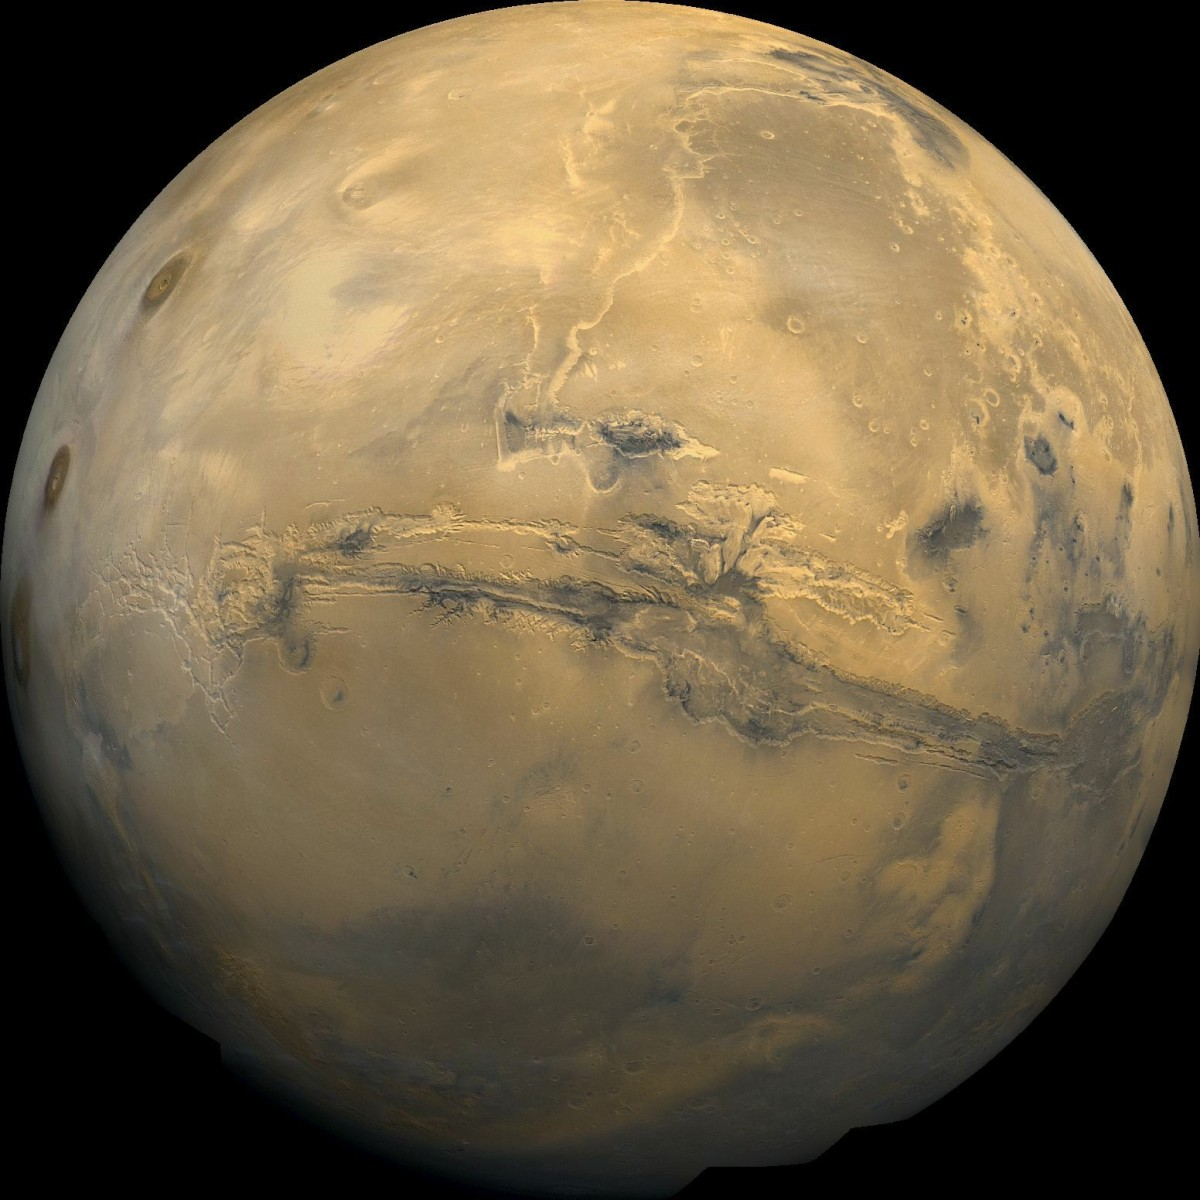 Ein Mosaikbild des Planeten Mars, aufgenommen mit dem Viking 1 Orbiter. Bild: NASA/USGS